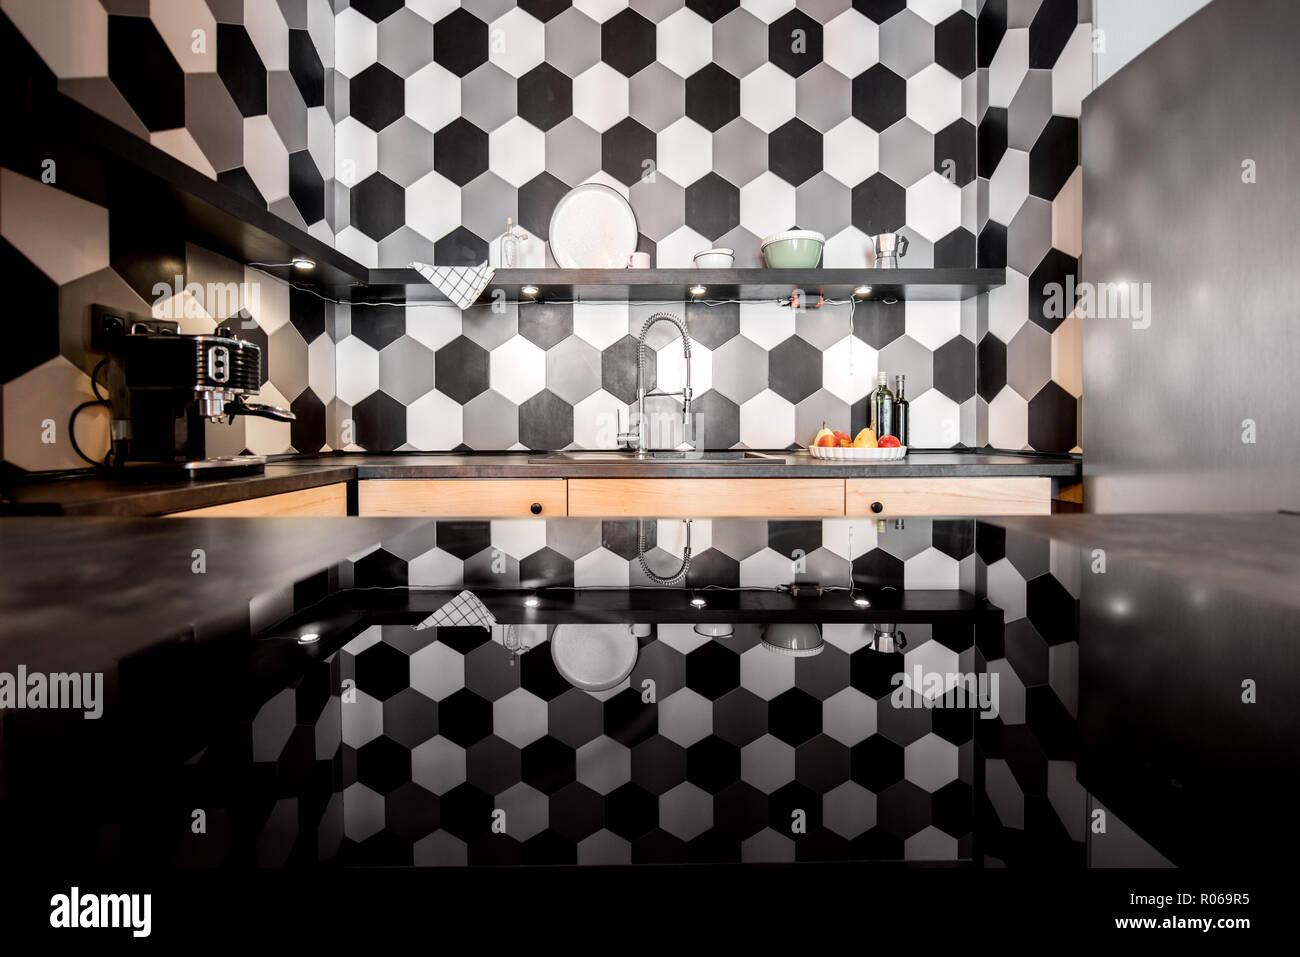 Carreaux Noir Et Blanc Cuisine cuisine intérieur loft hexagonal avec carrelage noir et